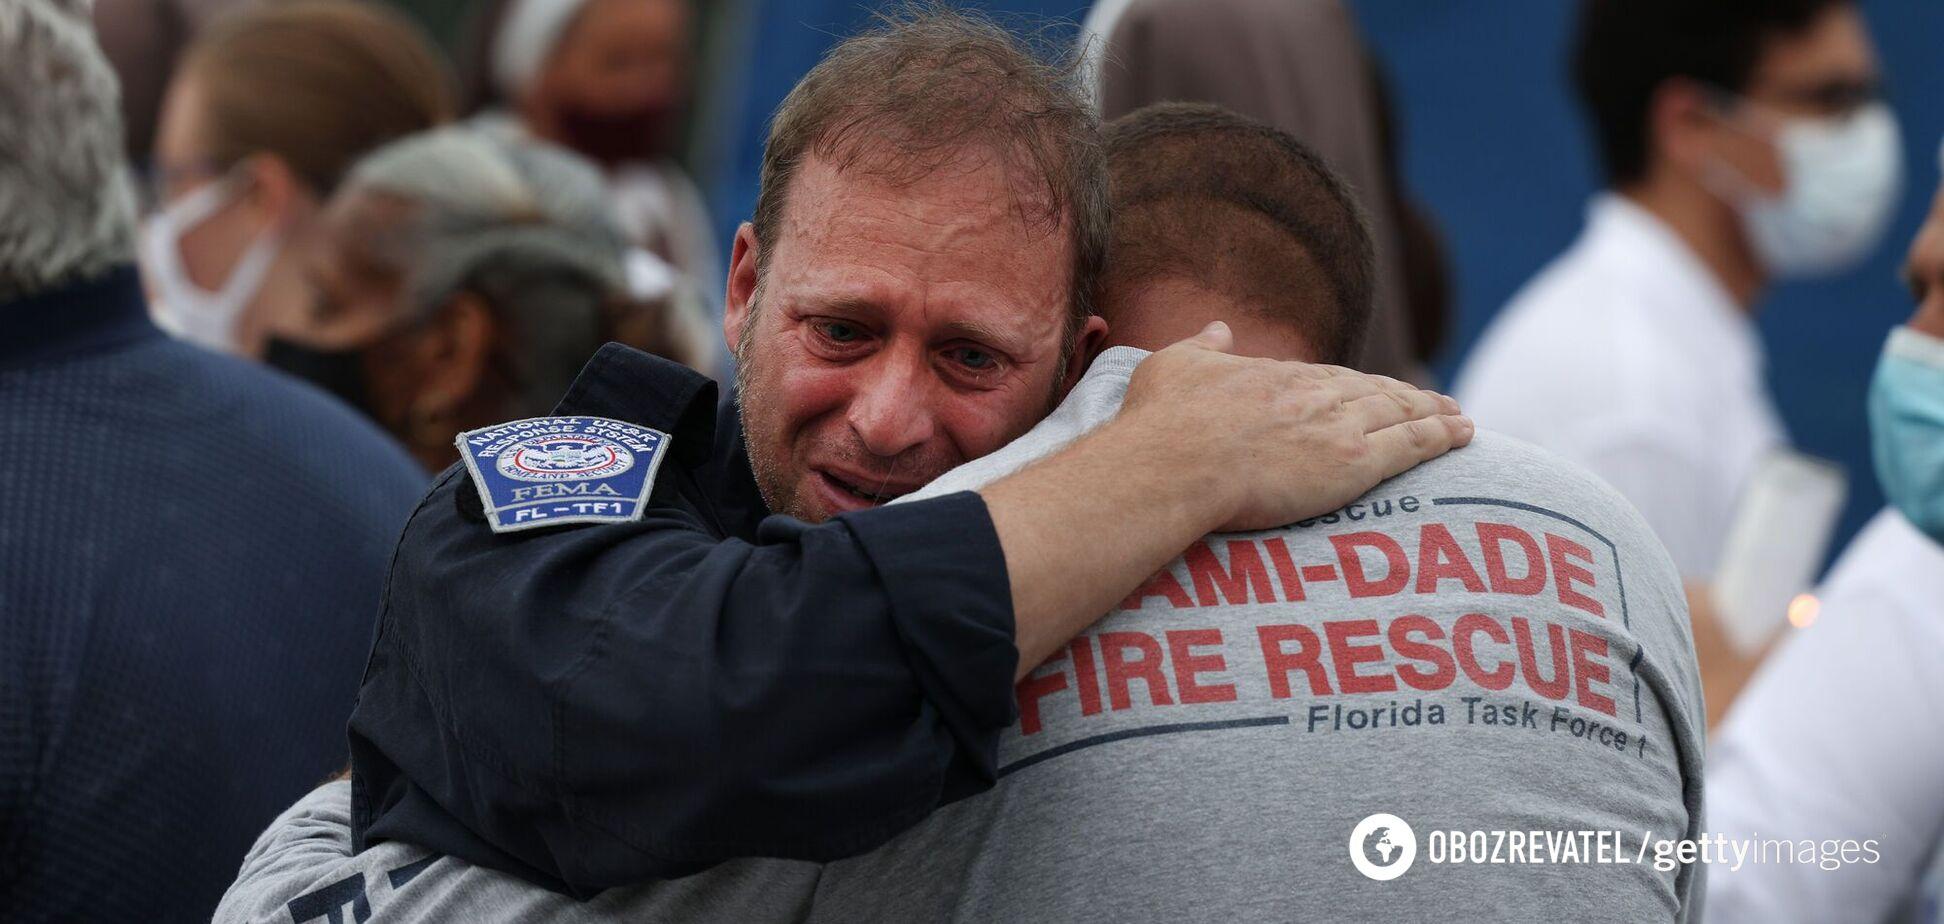 Рятувальники шукають людей під завалами у Флориді